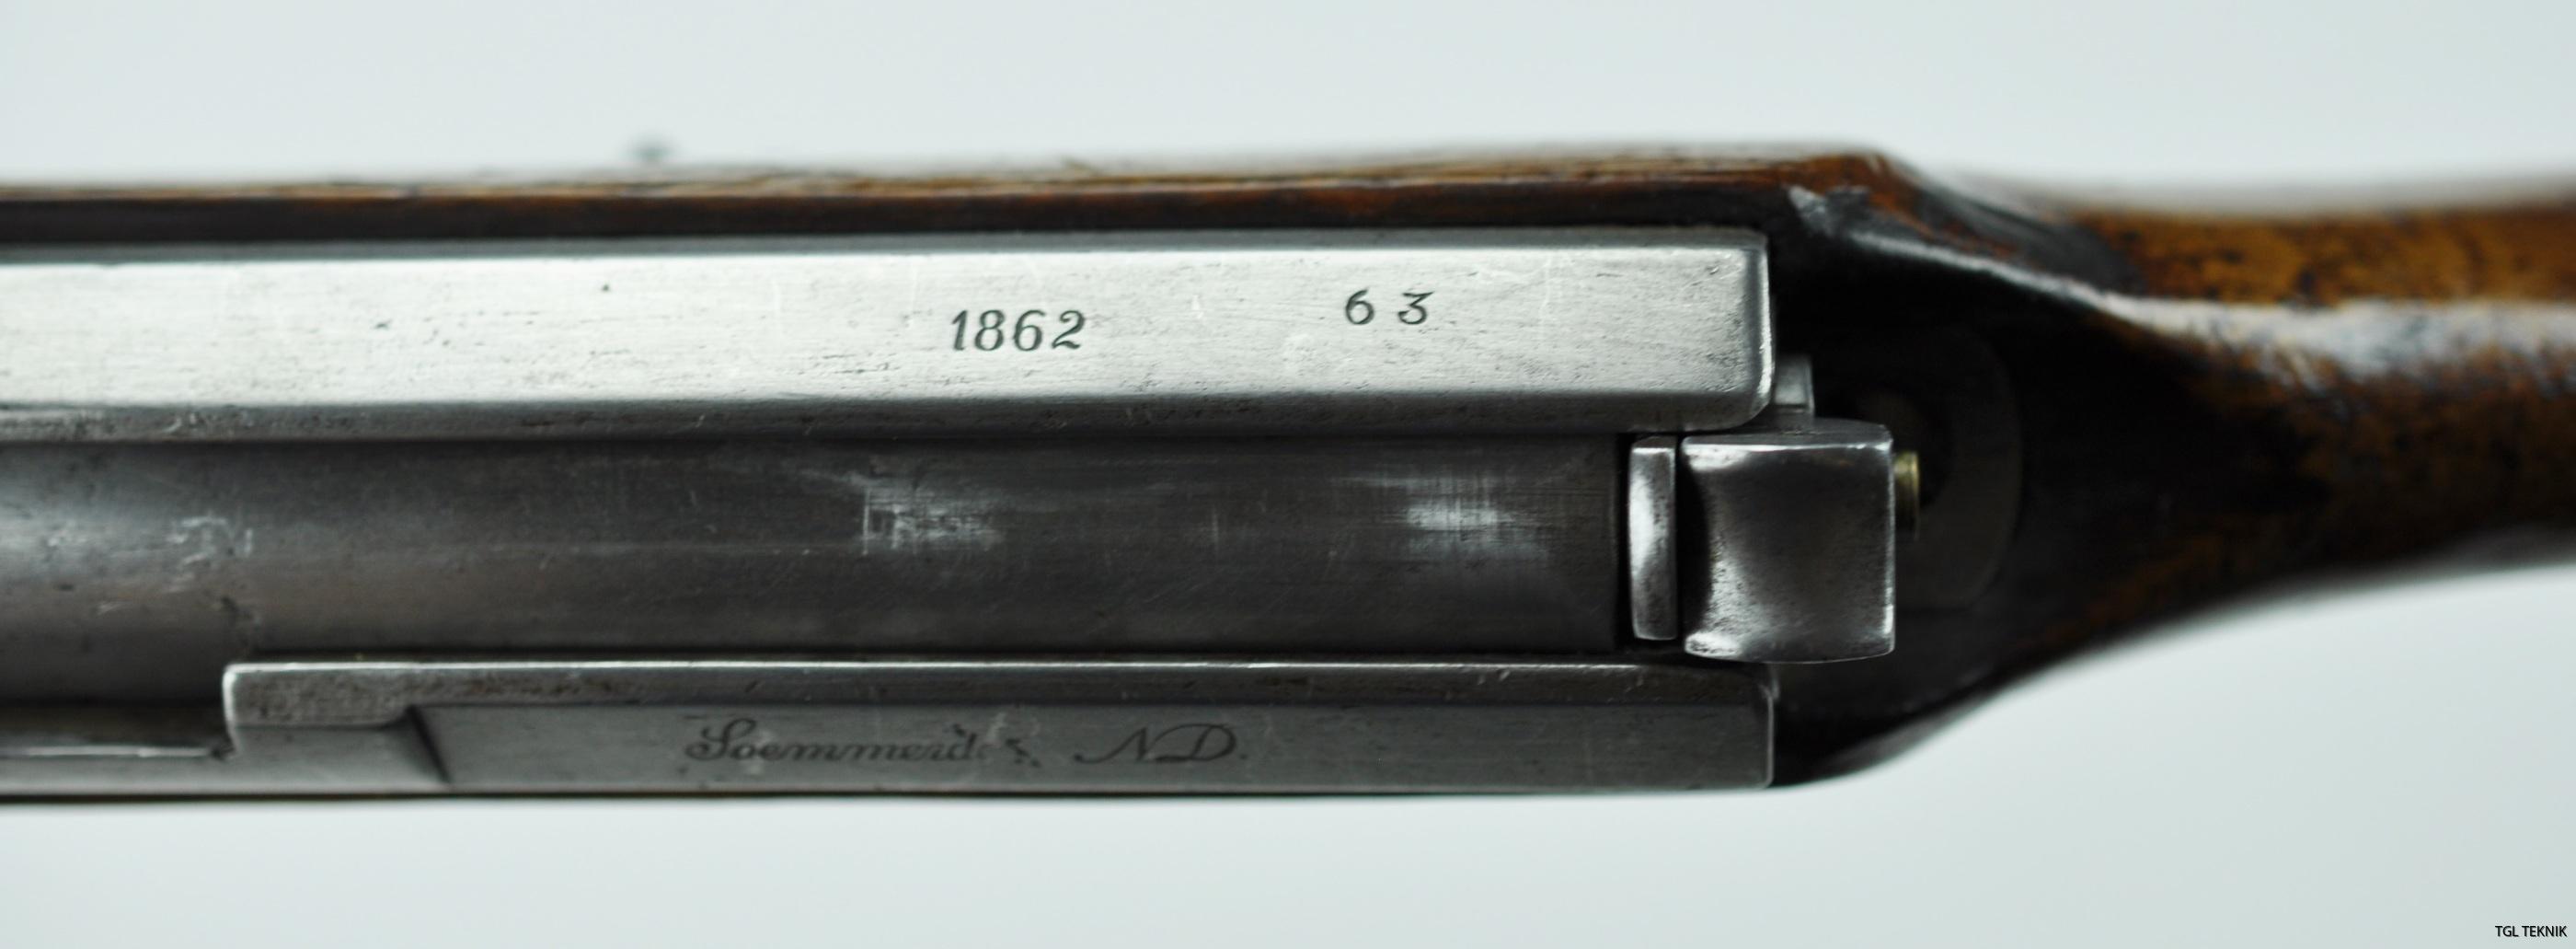 DSC_0267-1